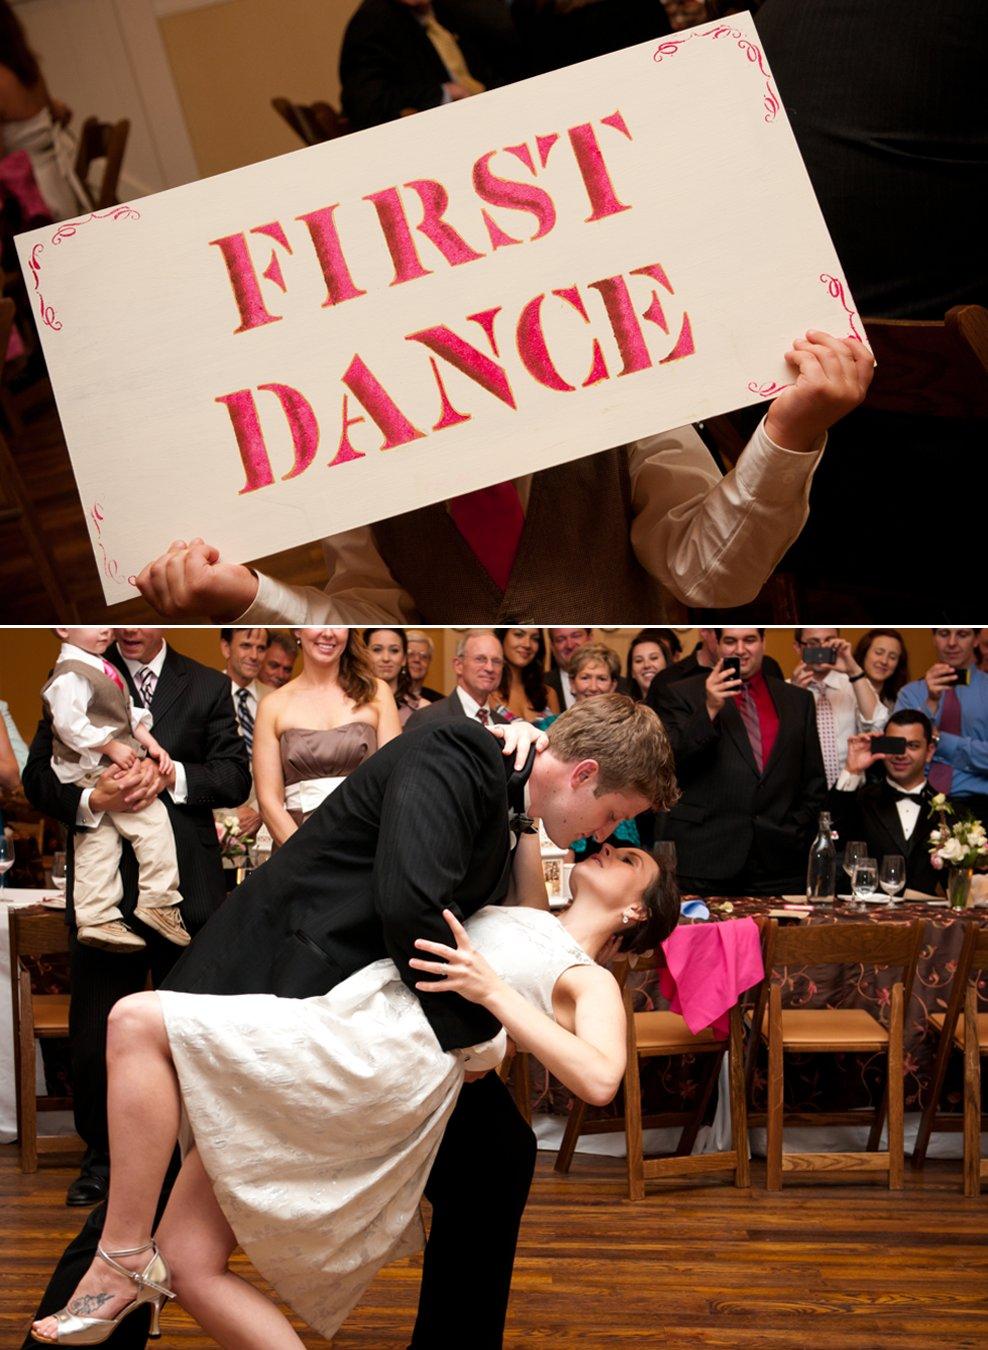 Real-weddings-bride-groom-first-dance.full